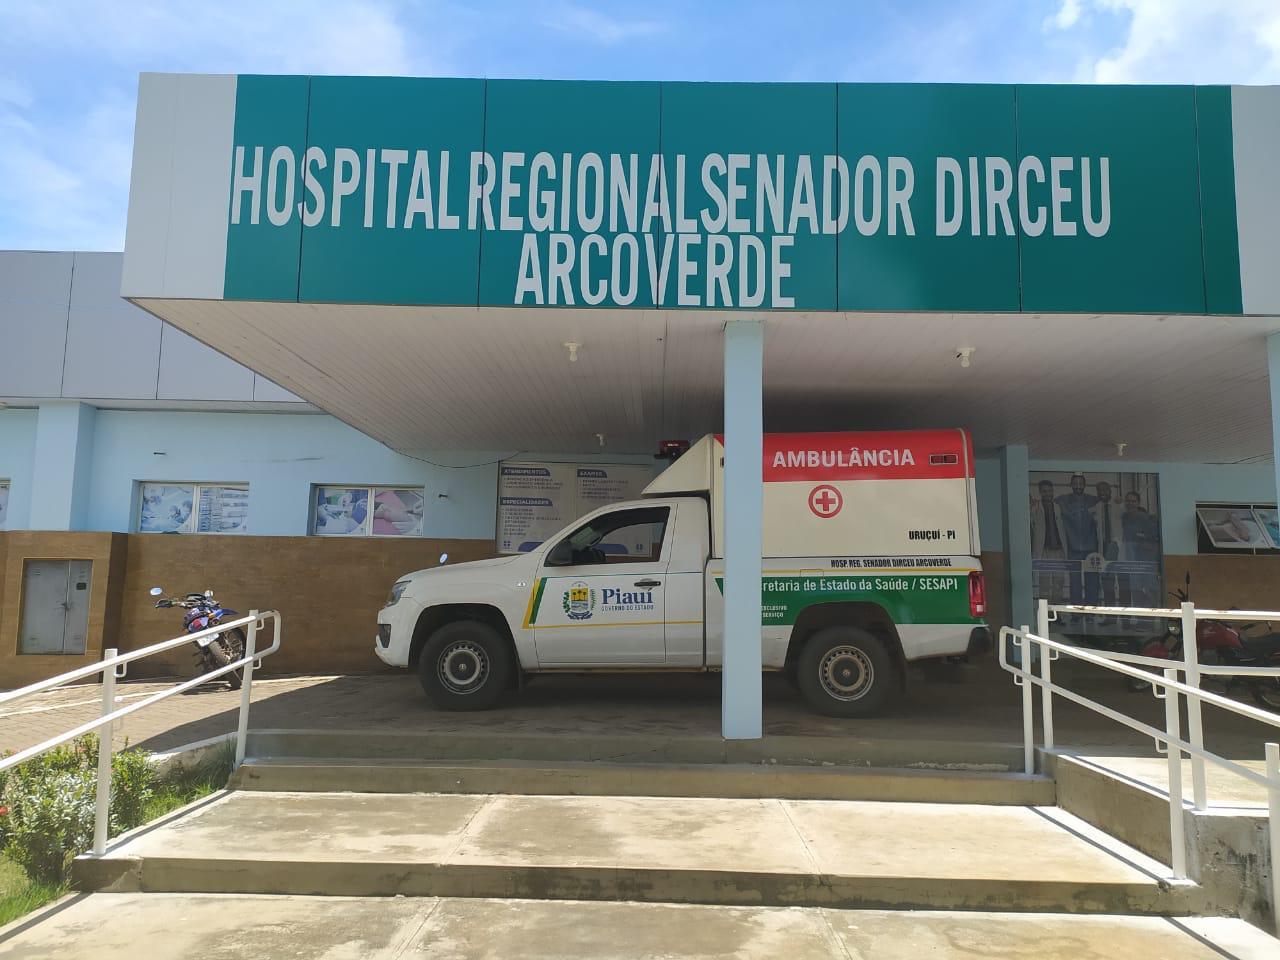 Hospital reduziu em 70% a tranferência de pacientes para outras unidades de referência